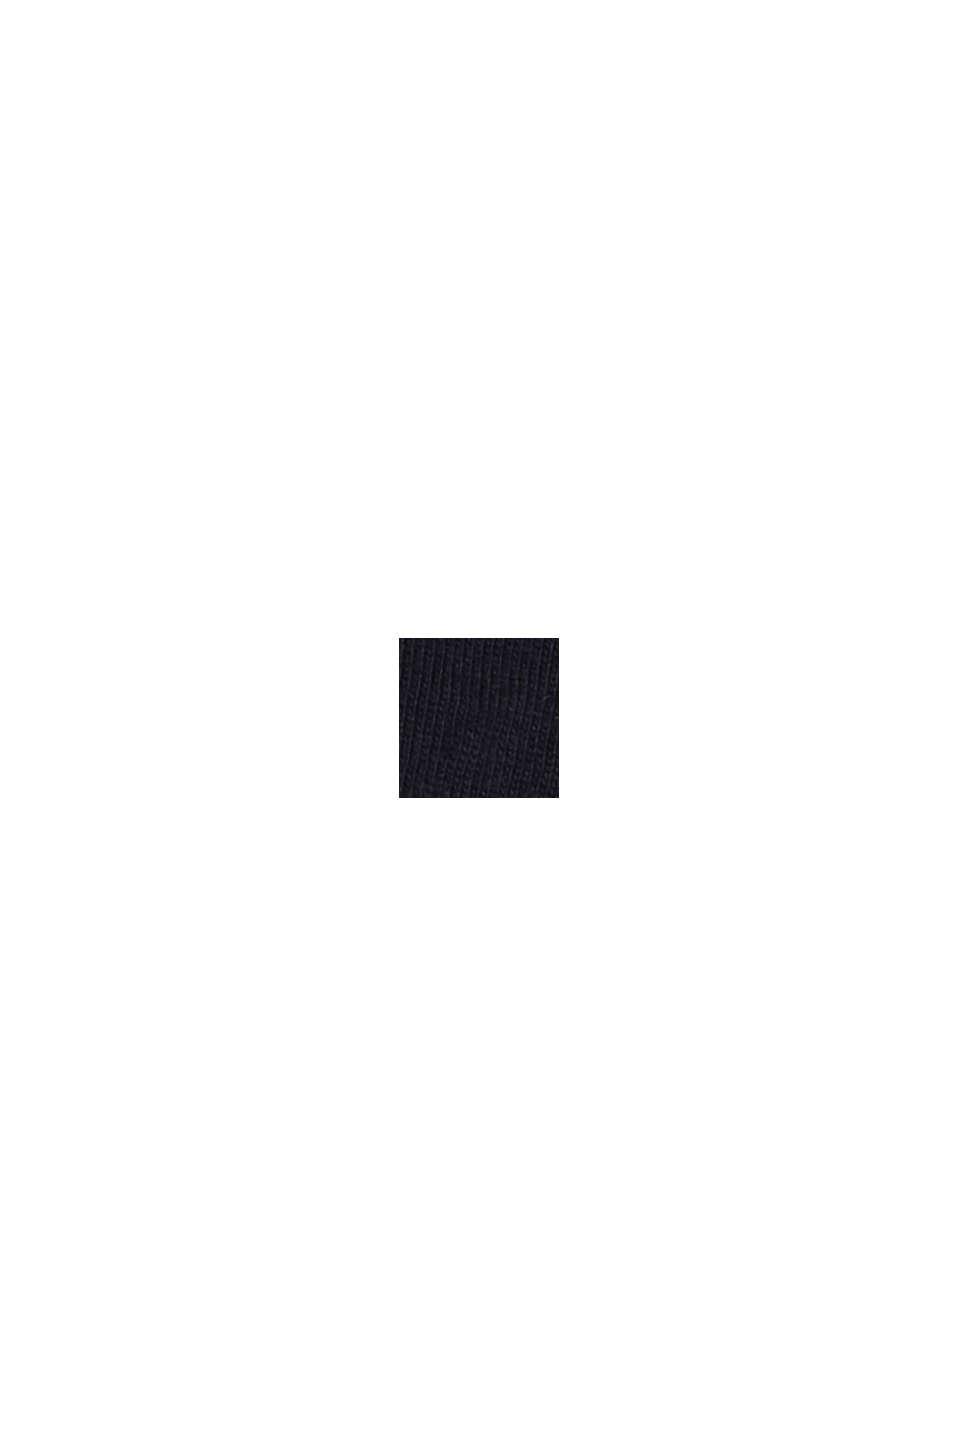 Jersey-Nachthemd aus 100% Bio-Baumwolle, NAVY, swatch